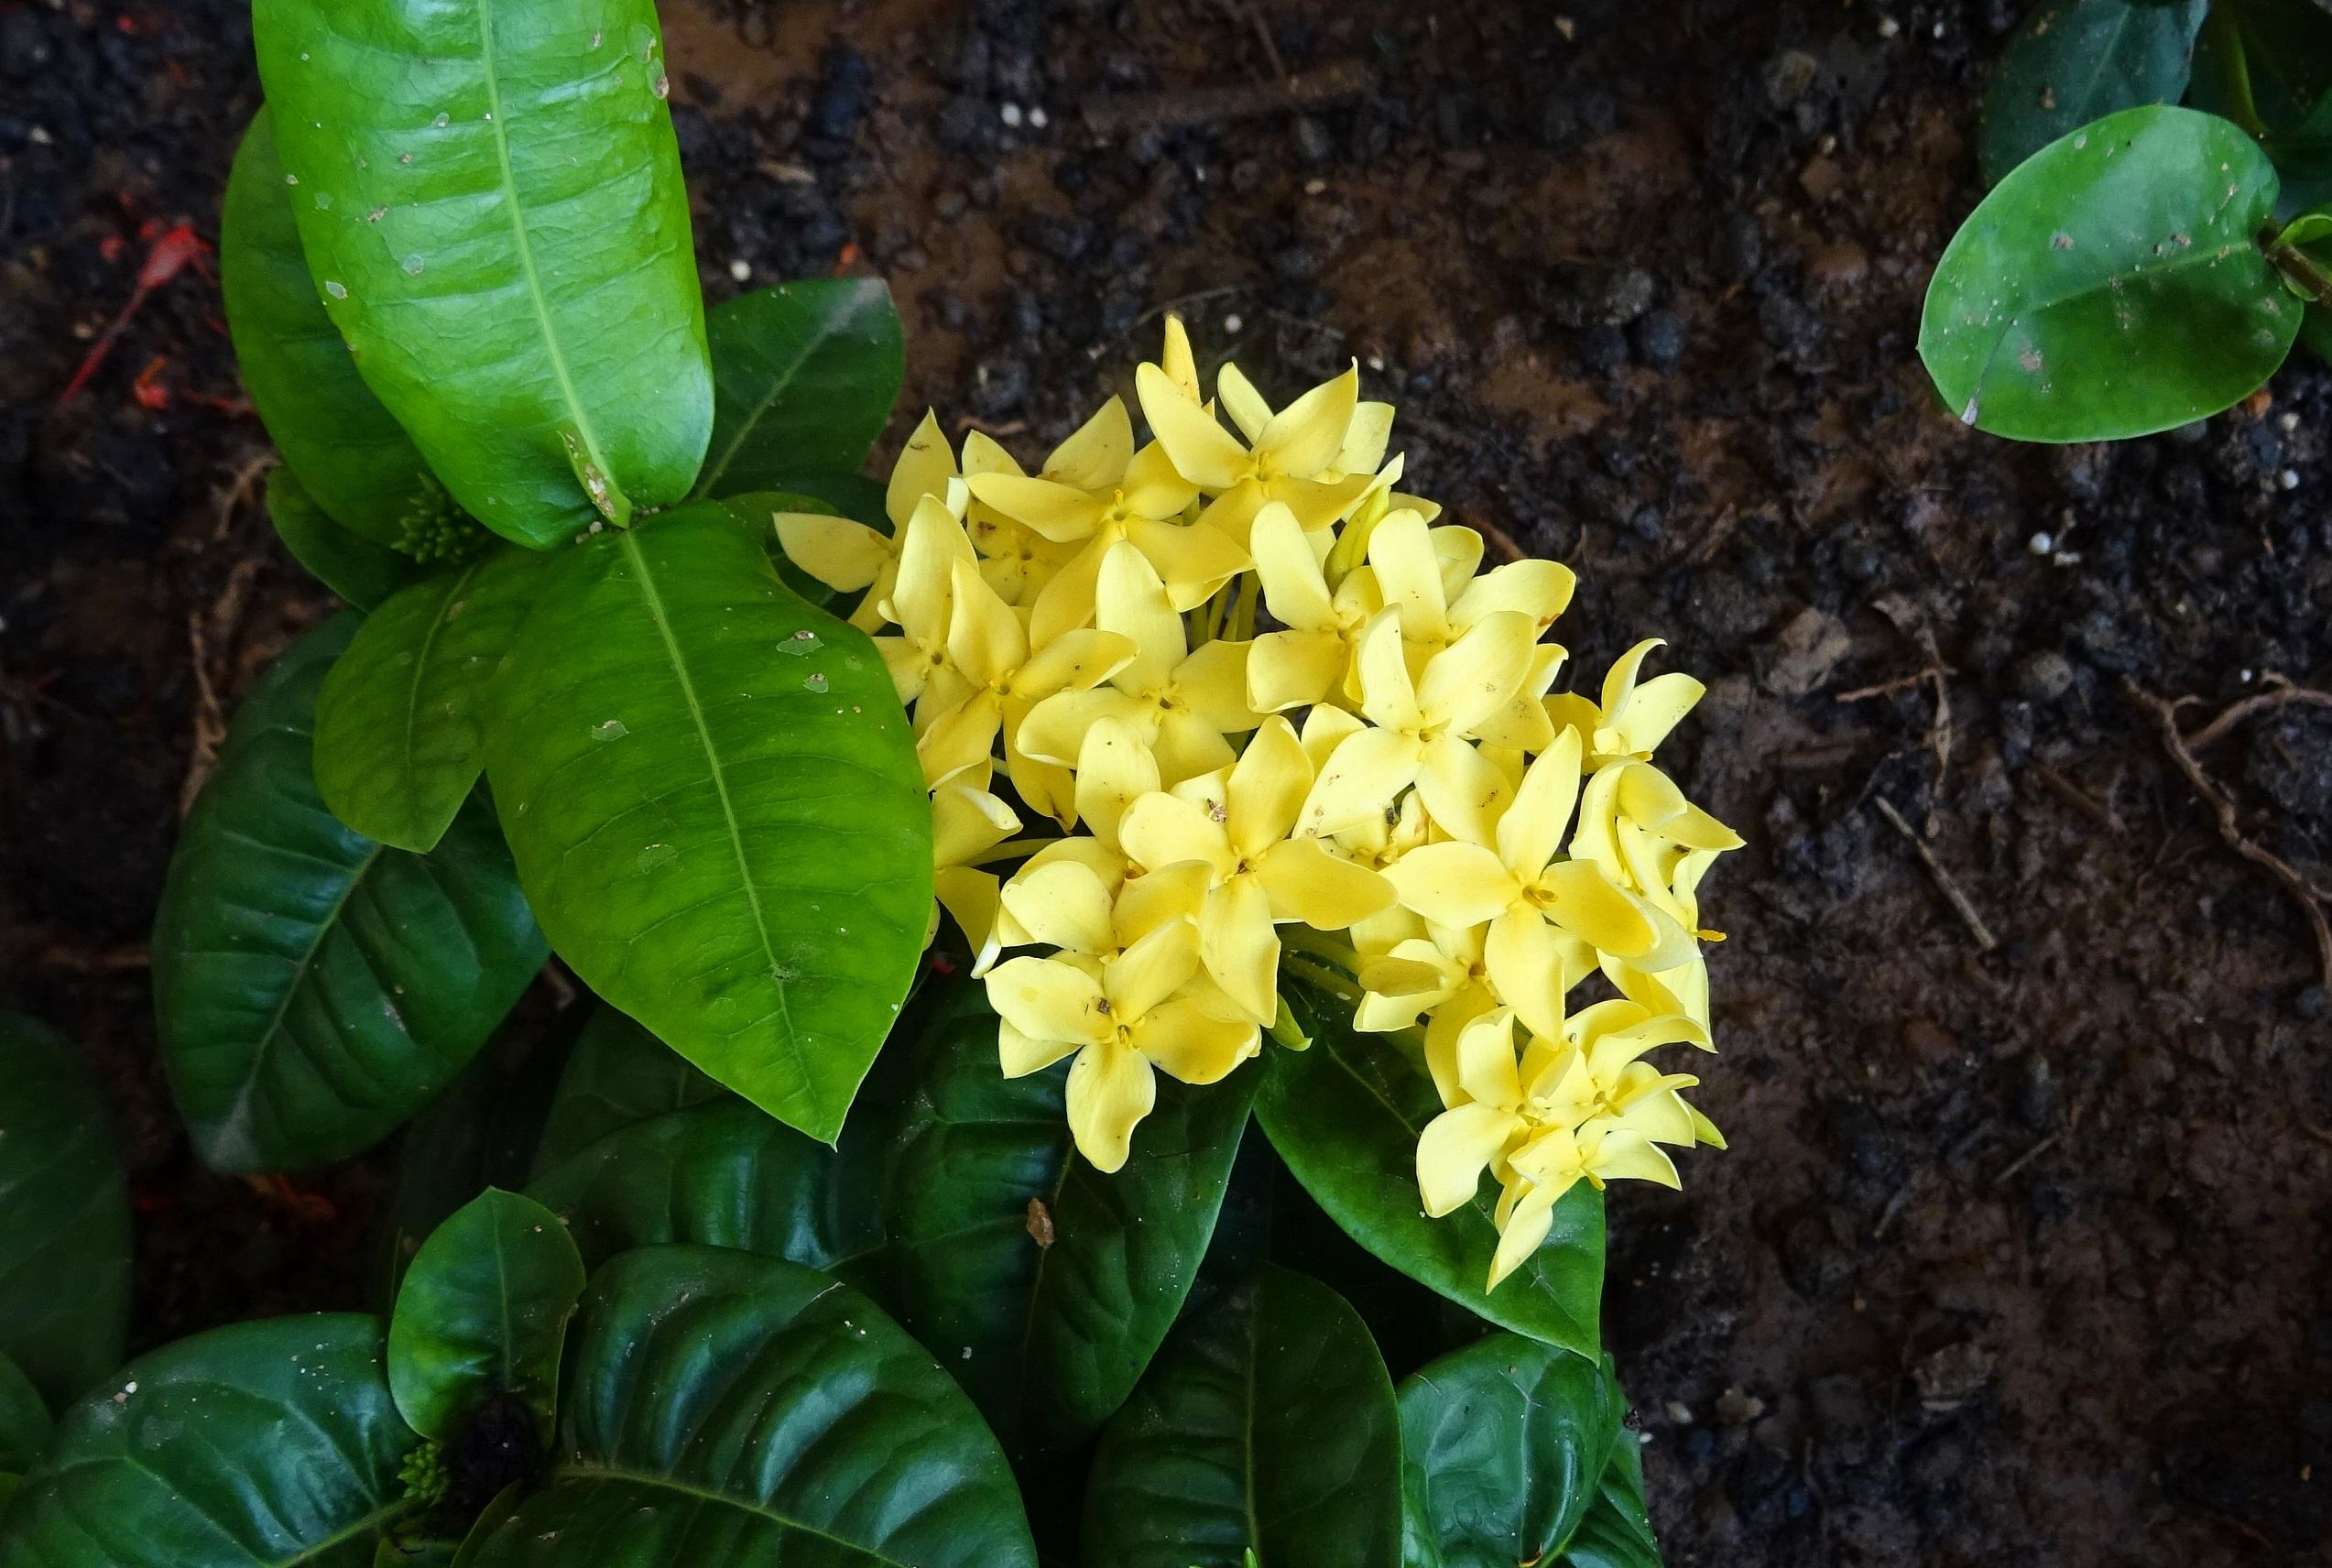 images gratuites : la nature, fleur, feuille, floraison, floral